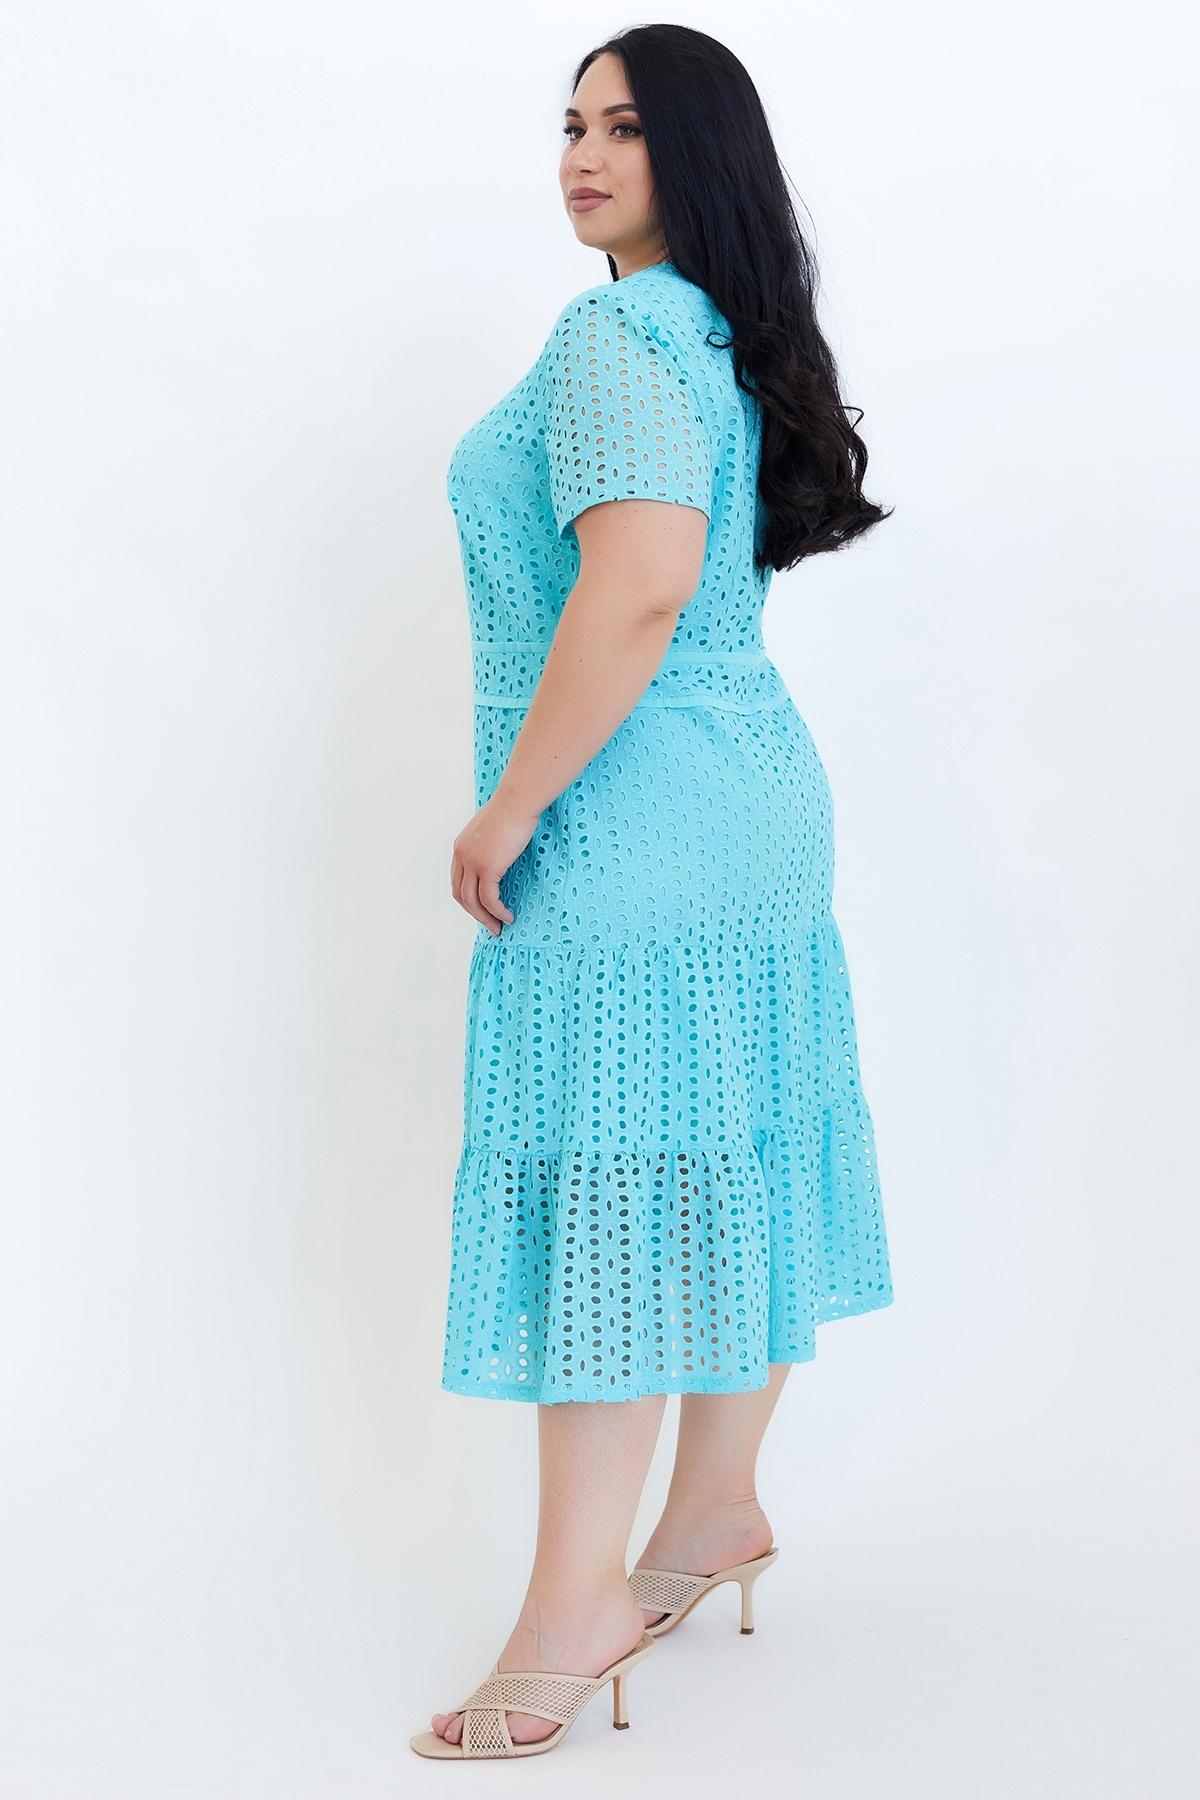 Сукня Віолетта  (Виолетта) (бирюза),прошва